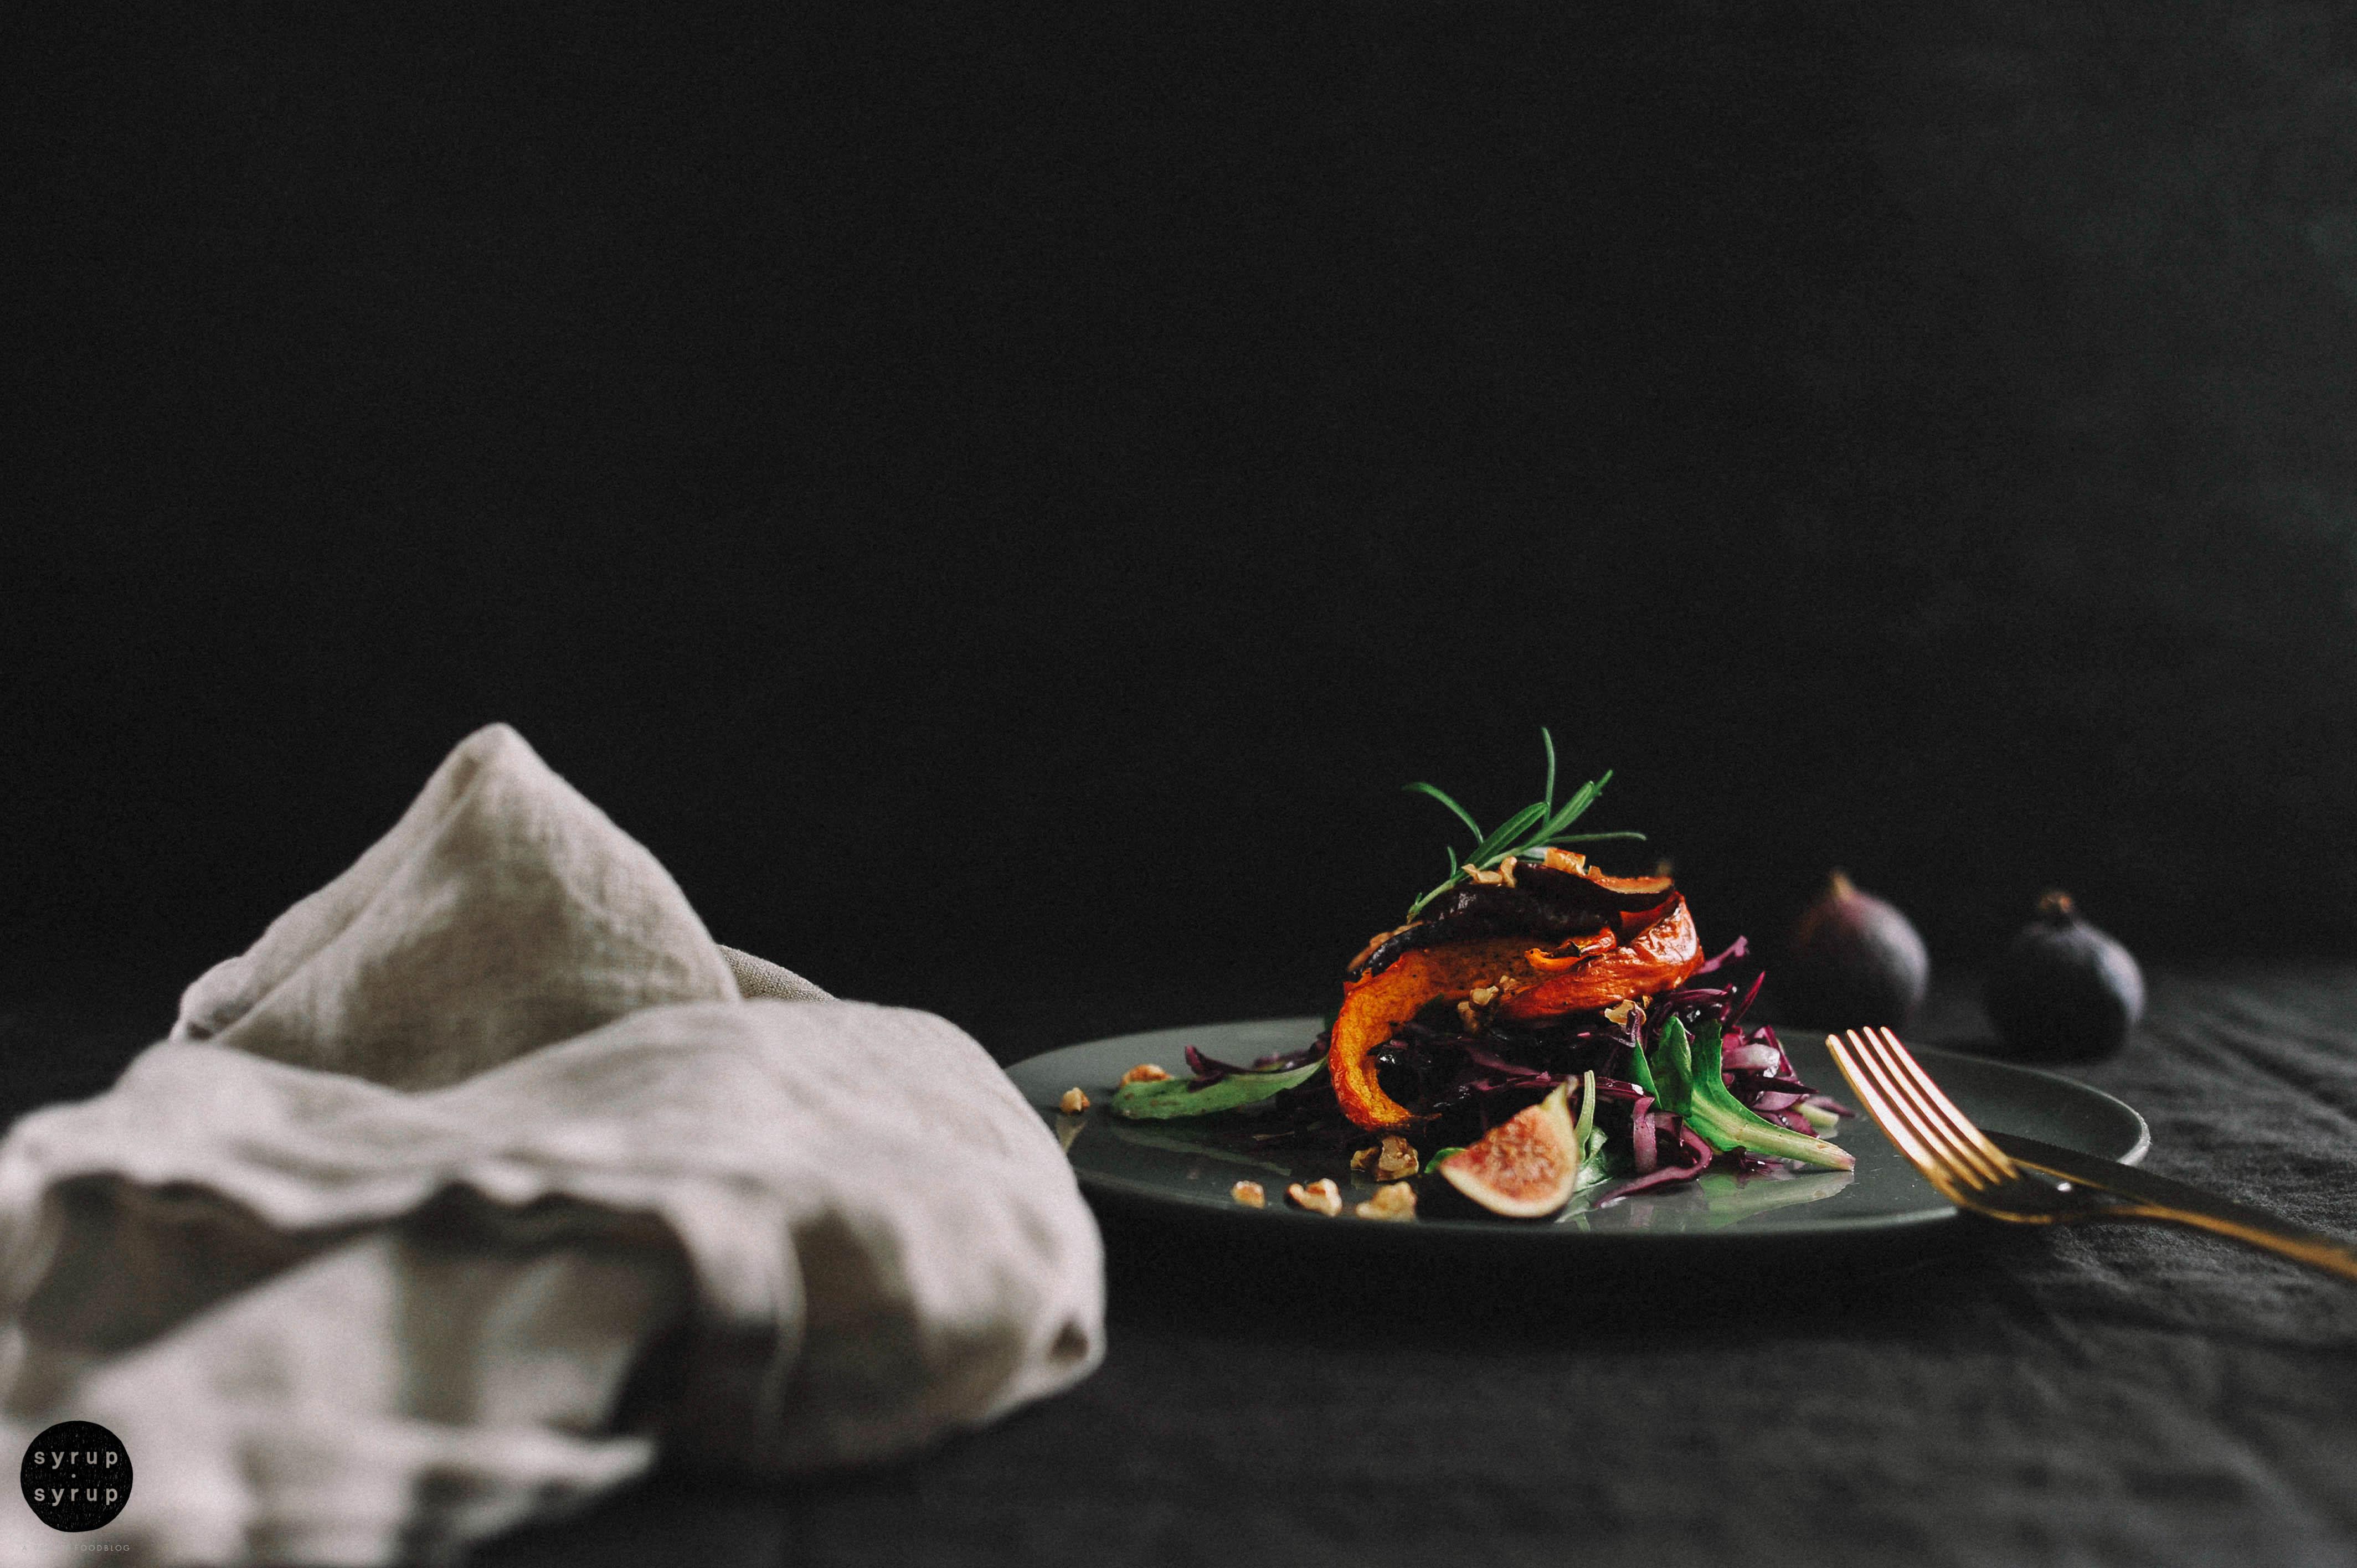 veganer rotkohlsalat gebackener kuerbis 04a - Rotkohlsalat mit Feigen und Kürbis